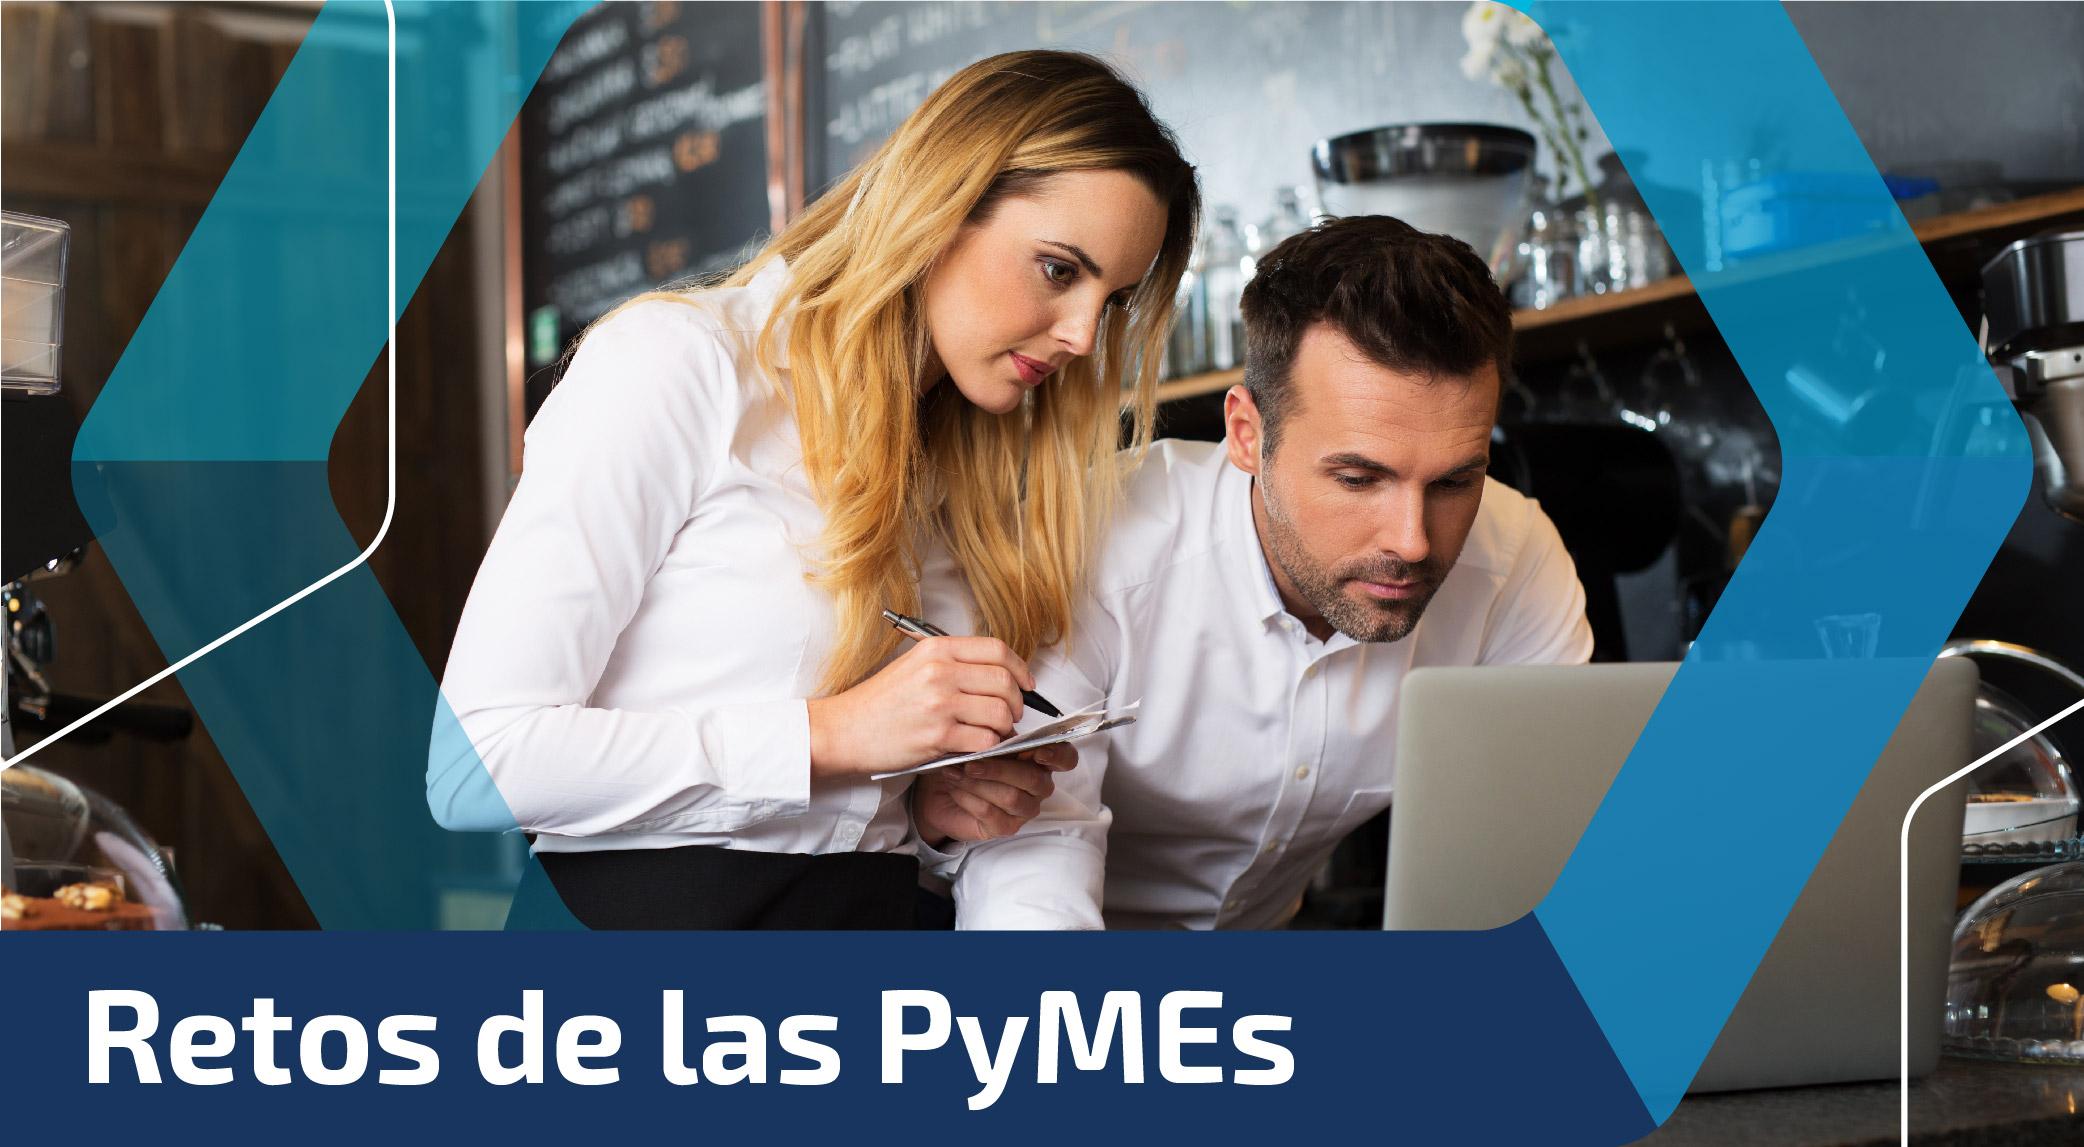 Retos de las PYMES para incrementar su productividad